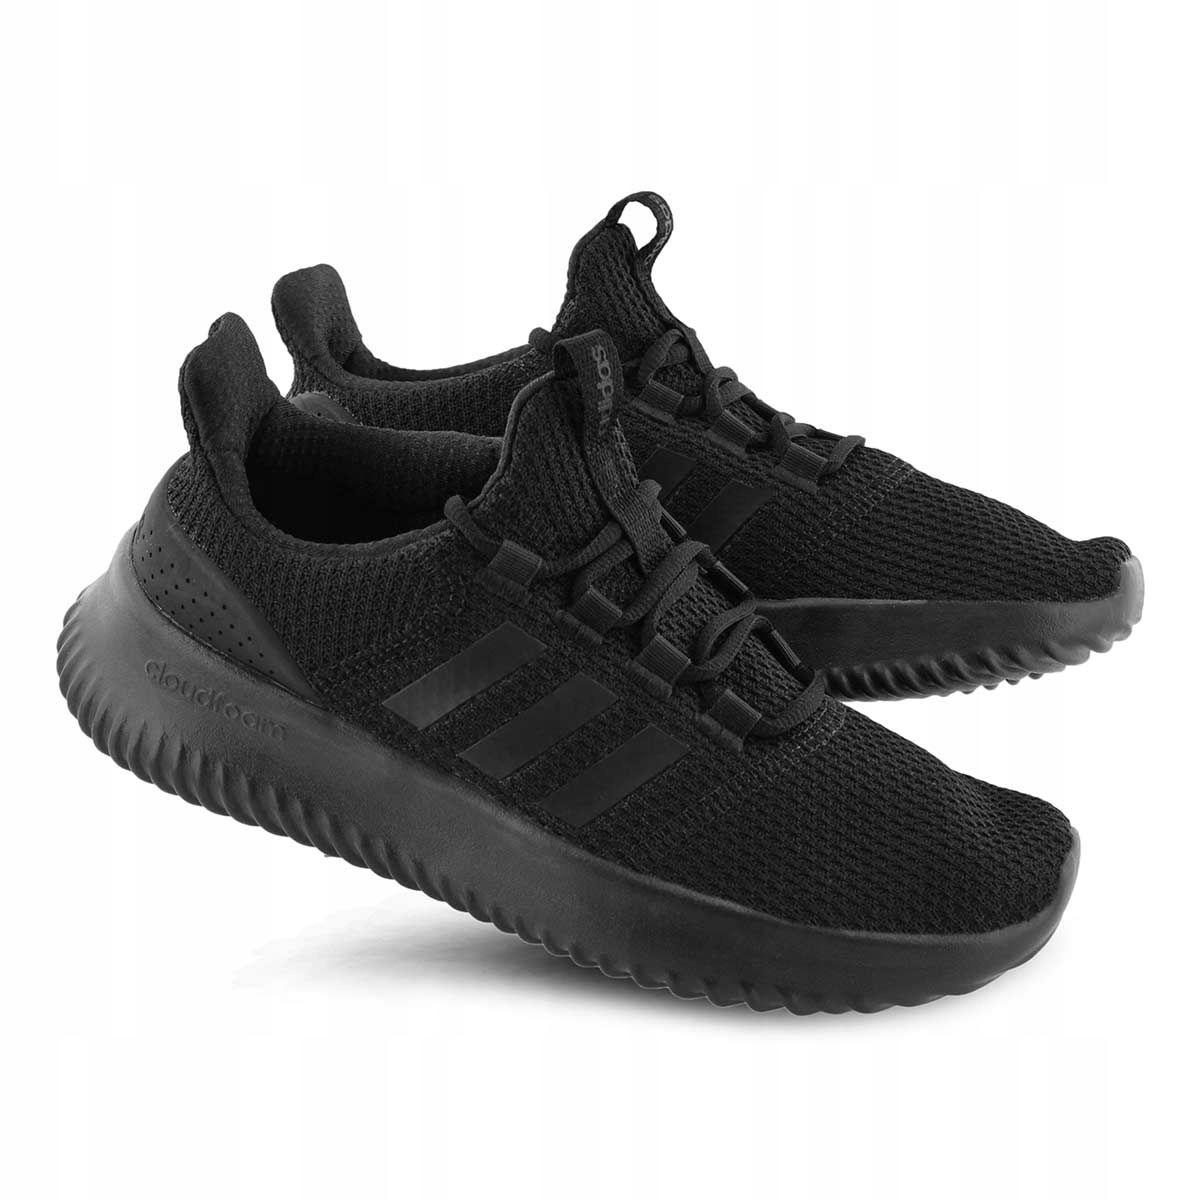 Młodzieżowe buty CLOUDFOAM ULTIMATE DB2757 ADIDAS